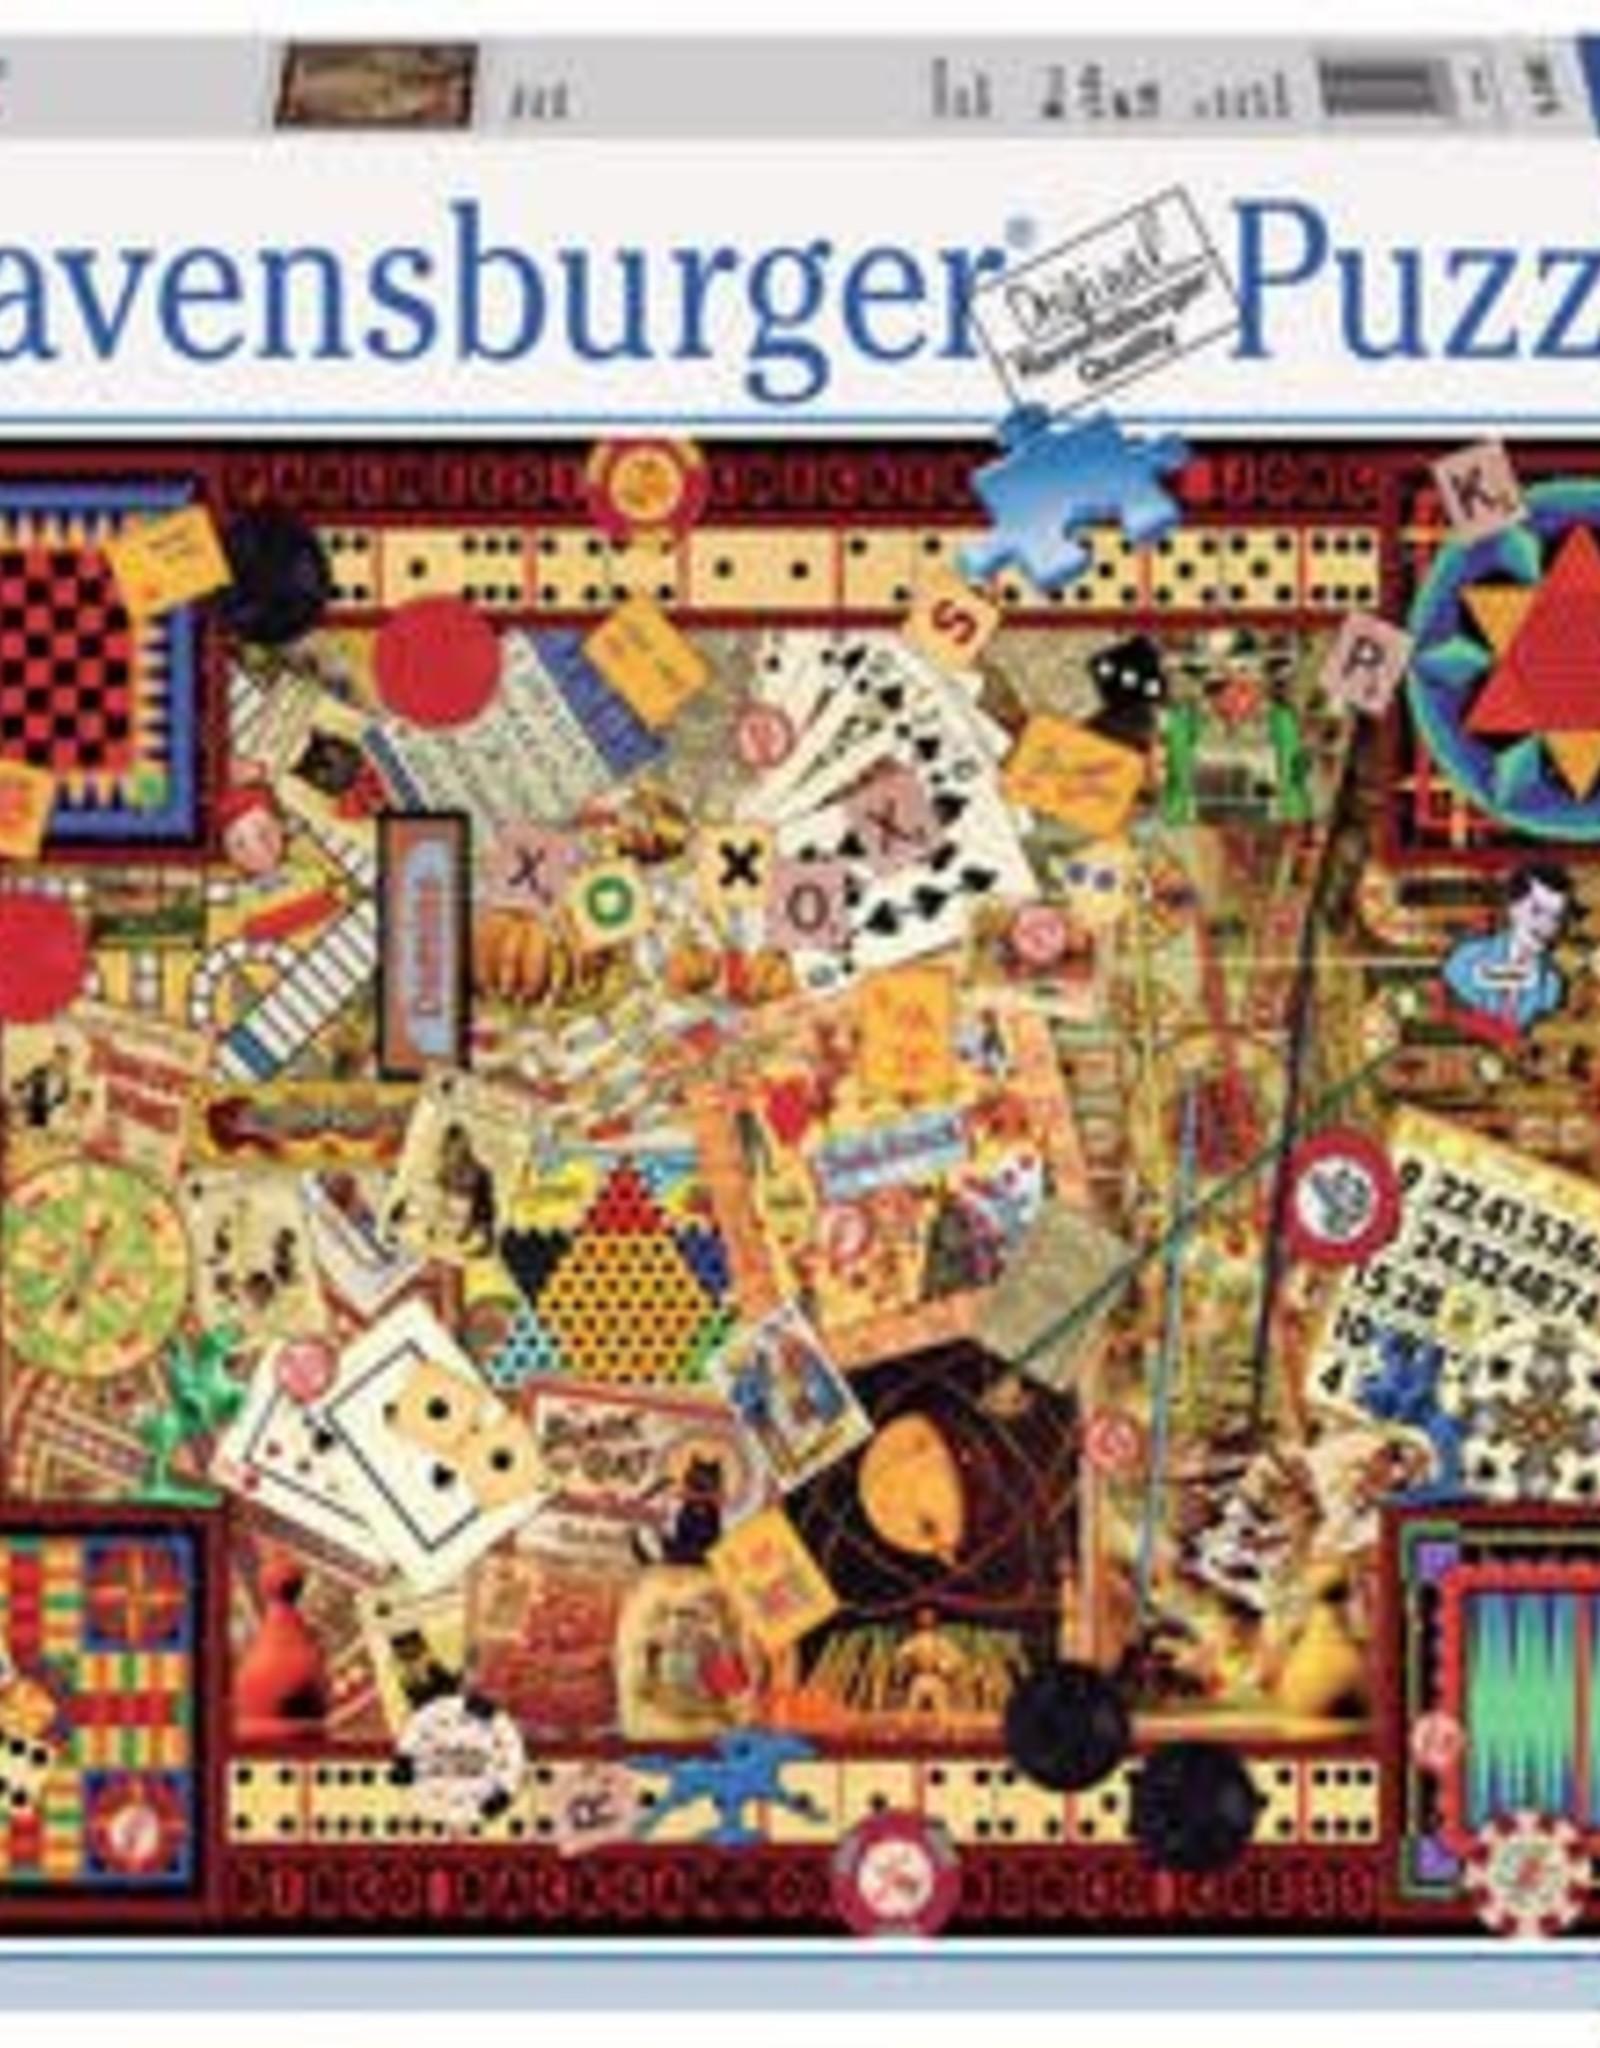 Ravensburger Vintage Games 1000pc Puzzle